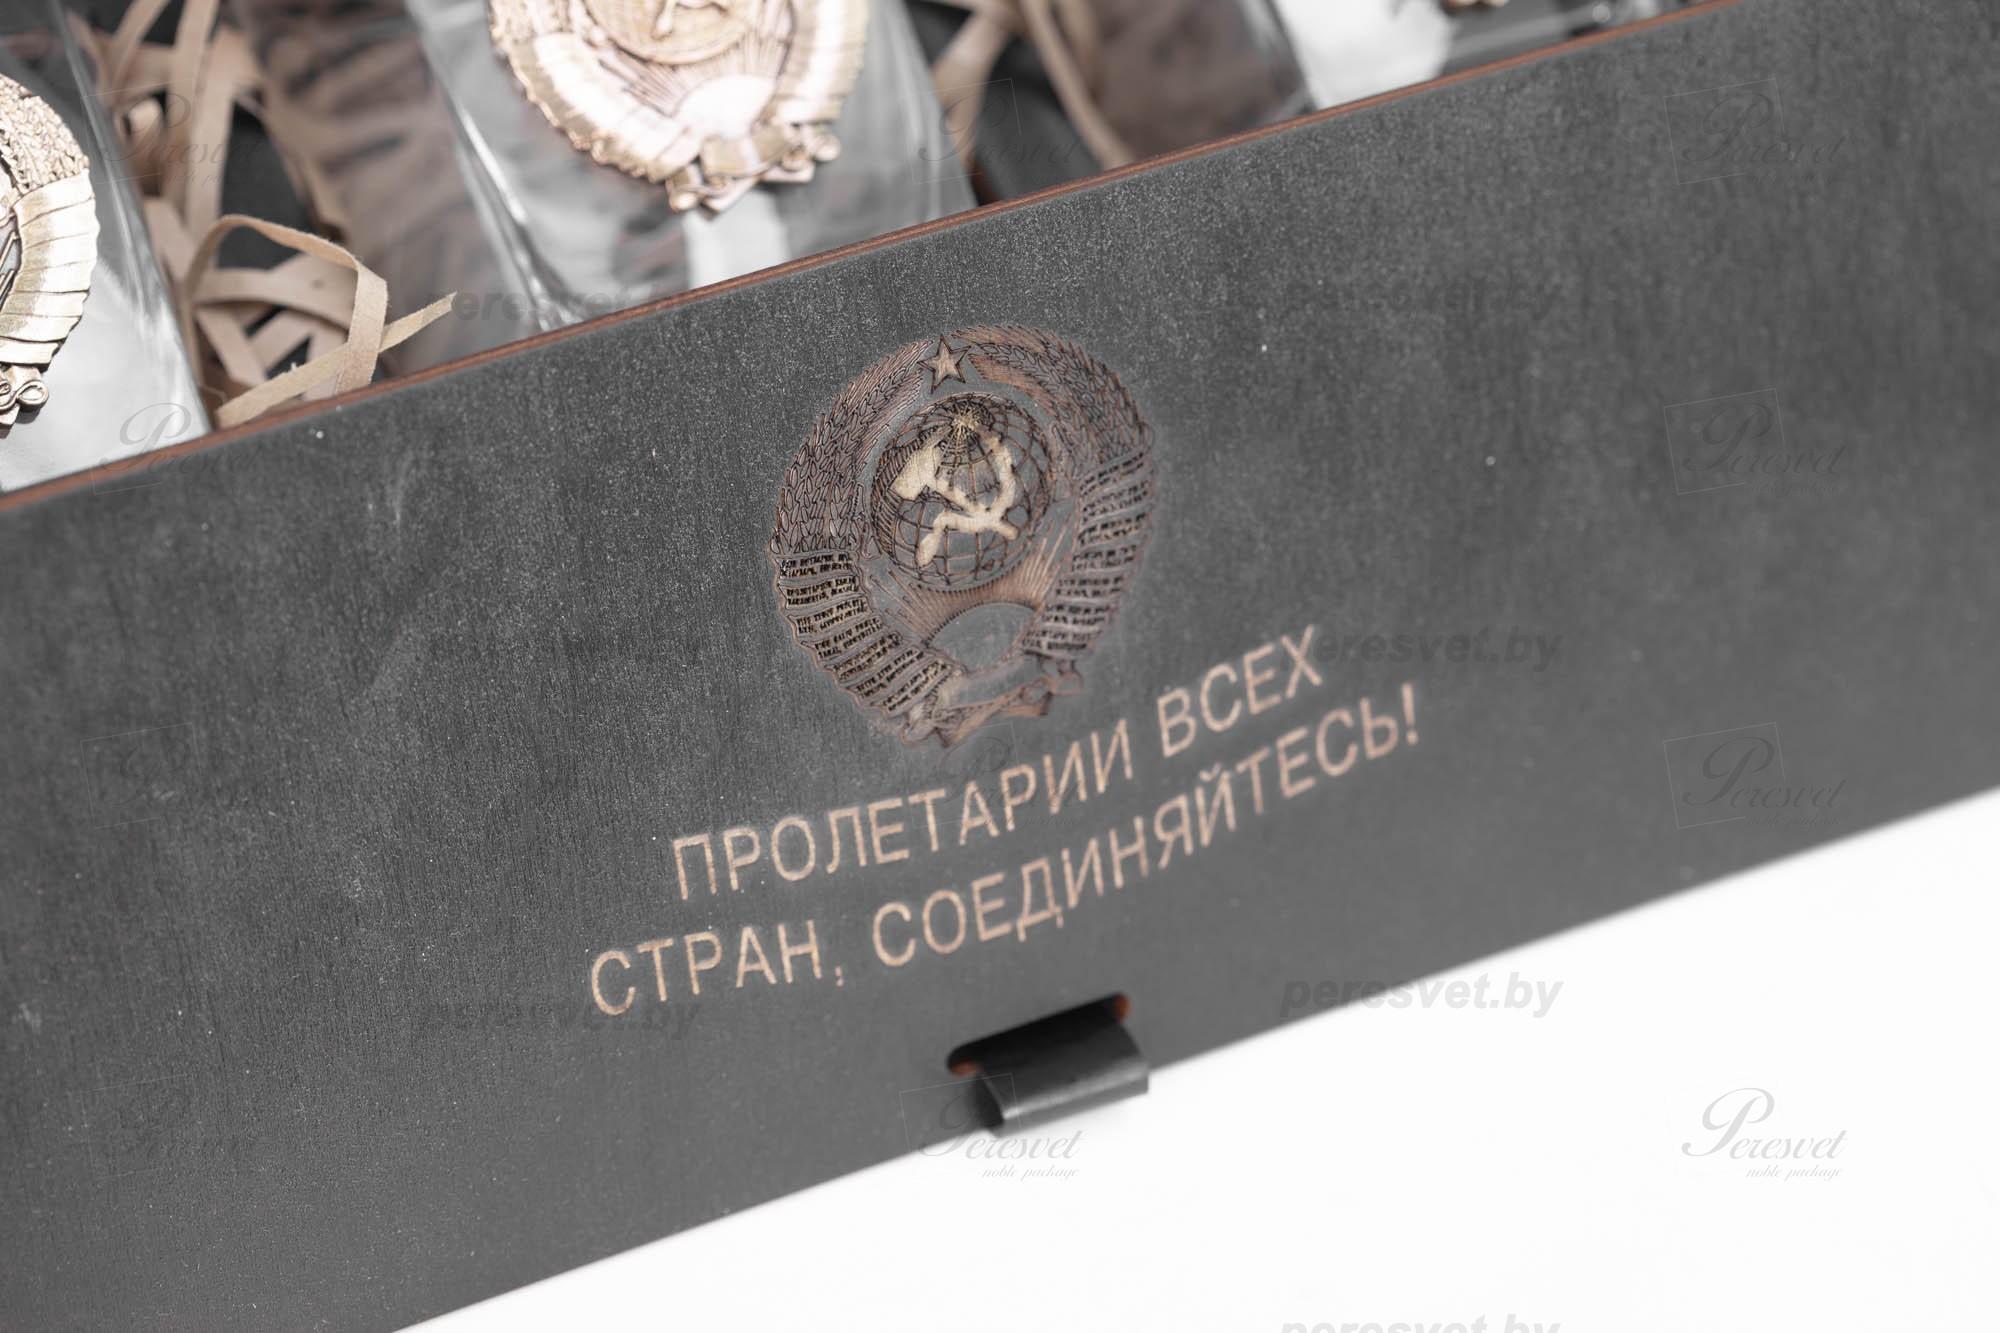 Набор подарочный Назад в СССР с бронзовыми гербами №1 на Peresvet.by